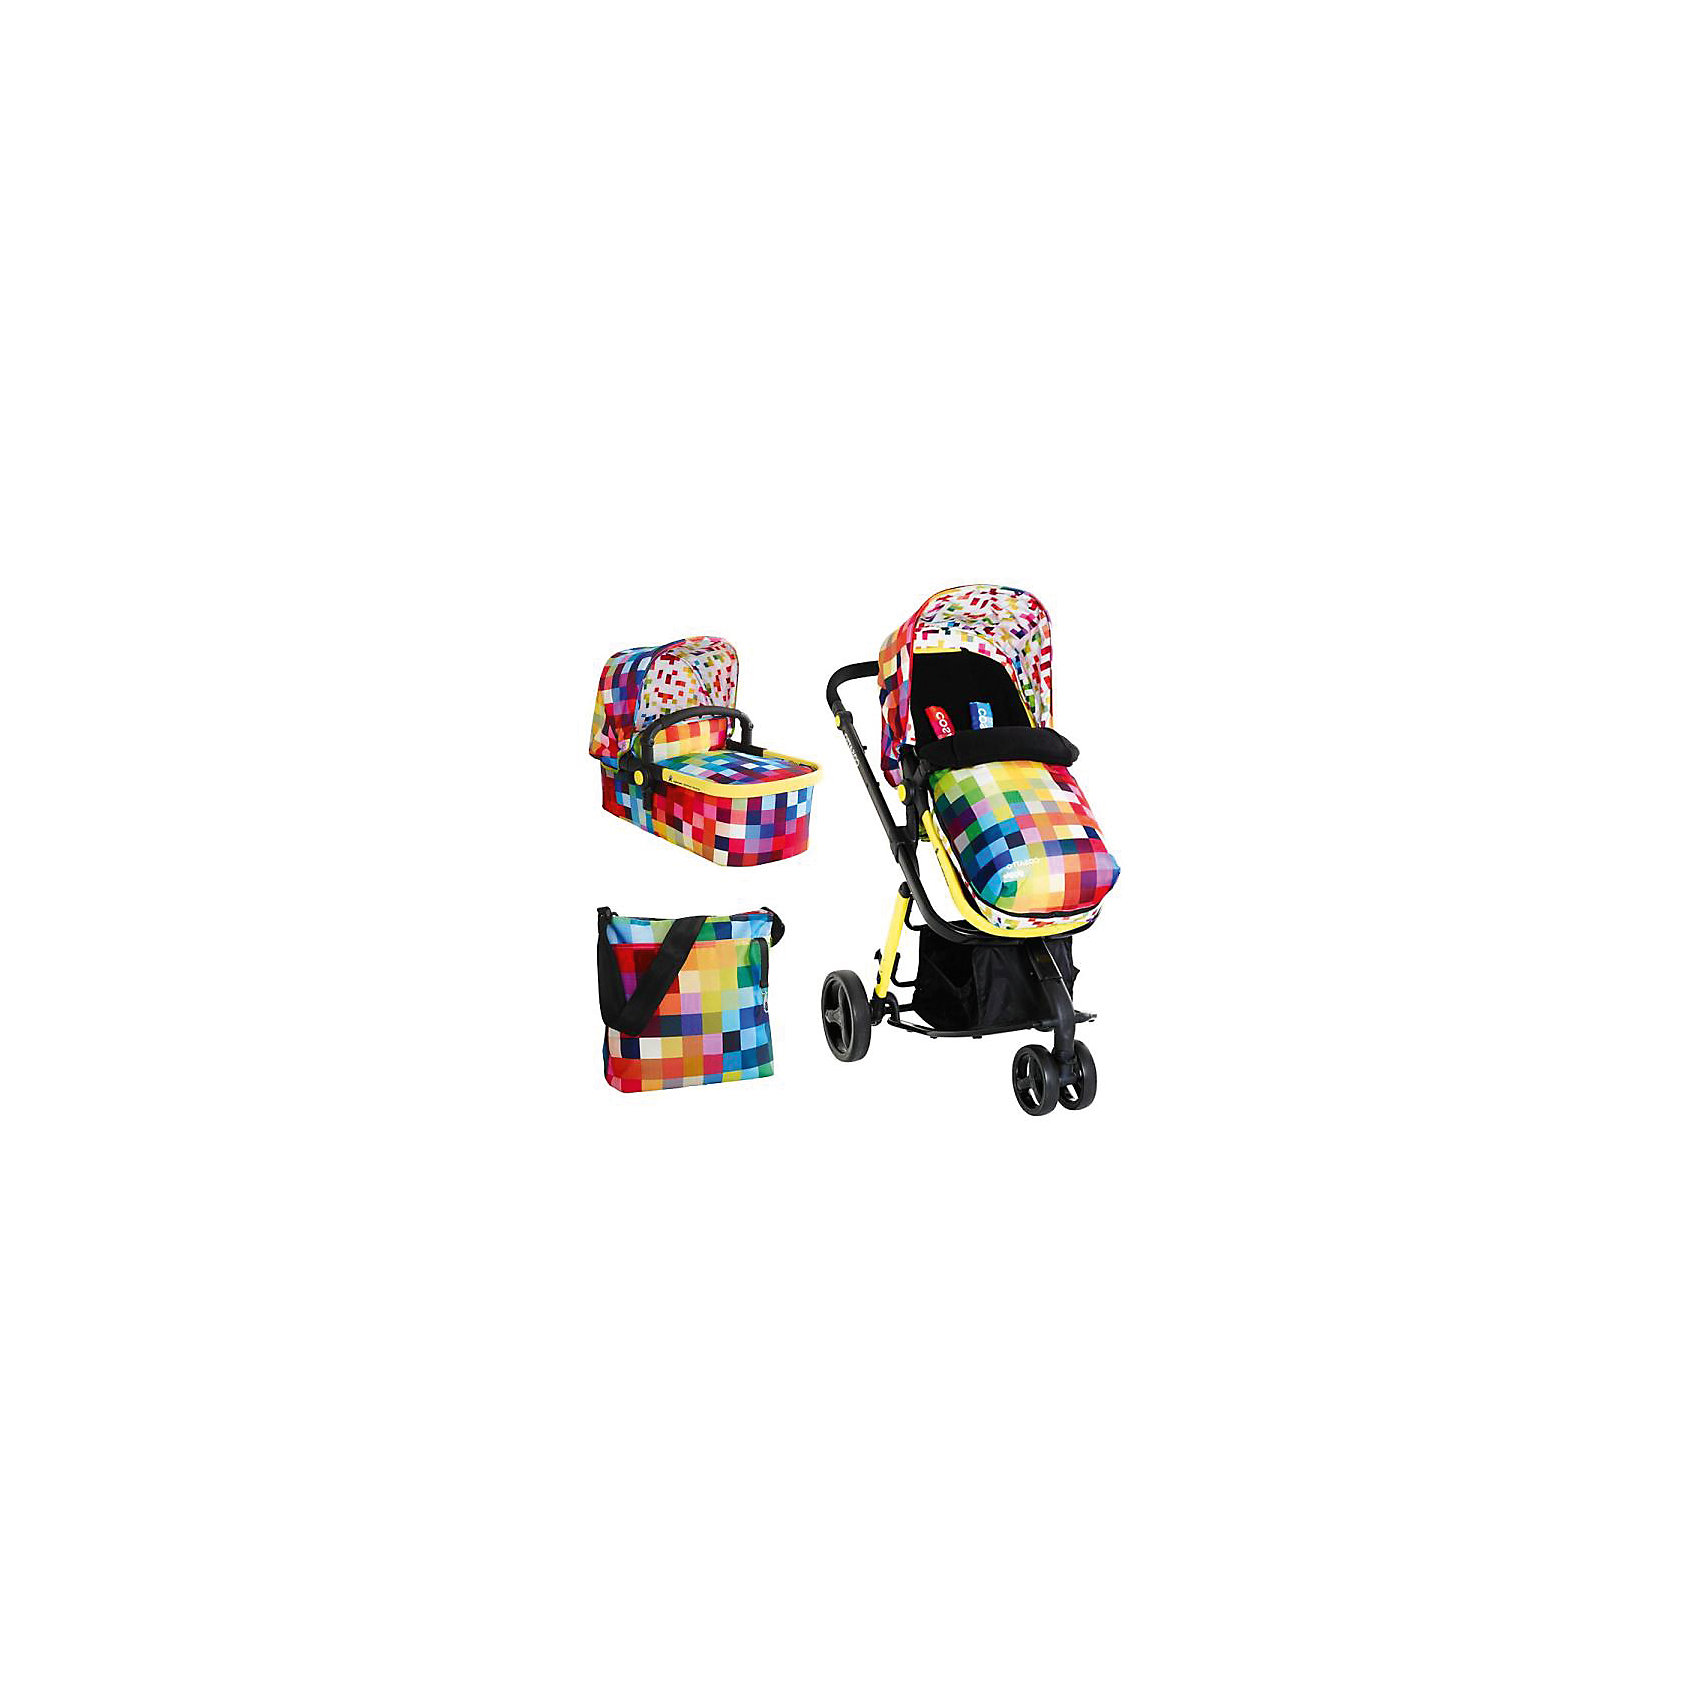 Коляска 2 в 1 Giggle 2, Cosatto, PixelateУдобная коляска – находка для родителей. Кроме функциональности коляски и ее прямого назначения родители обращают внимание на внешний вид. Коляска из новой коллекции – уникальная модель, совмещающая в себе стильный дизайн и множество функций одновременно. Все материалы, использованные при изготовлении аксессуара, безопасны и отвечают требованиям по качеству продукции.<br><br>Дополнительные характеристики: <br><br>цвет: Pixelate;<br>возраст: 0-3 года;<br>регулировка спинки;<br>габариты: 85 х 39 см;<br>комплектация: блок для прогулок, люлька, складывающиеся шасси, защита от дождя и солнца, регулируемая ручка, сумка, чехол для ножек, матрас.<br><br>Коляску 2 в 1 Giggle 2 от компании Cosatto можно приобрести в нашем магазине.<br><br>Ширина мм: 1000<br>Глубина мм: 500<br>Высота мм: 400<br>Вес г: 20000<br>Возраст от месяцев: 0<br>Возраст до месяцев: 36<br>Пол: Унисекс<br>Возраст: Детский<br>SKU: 5025694